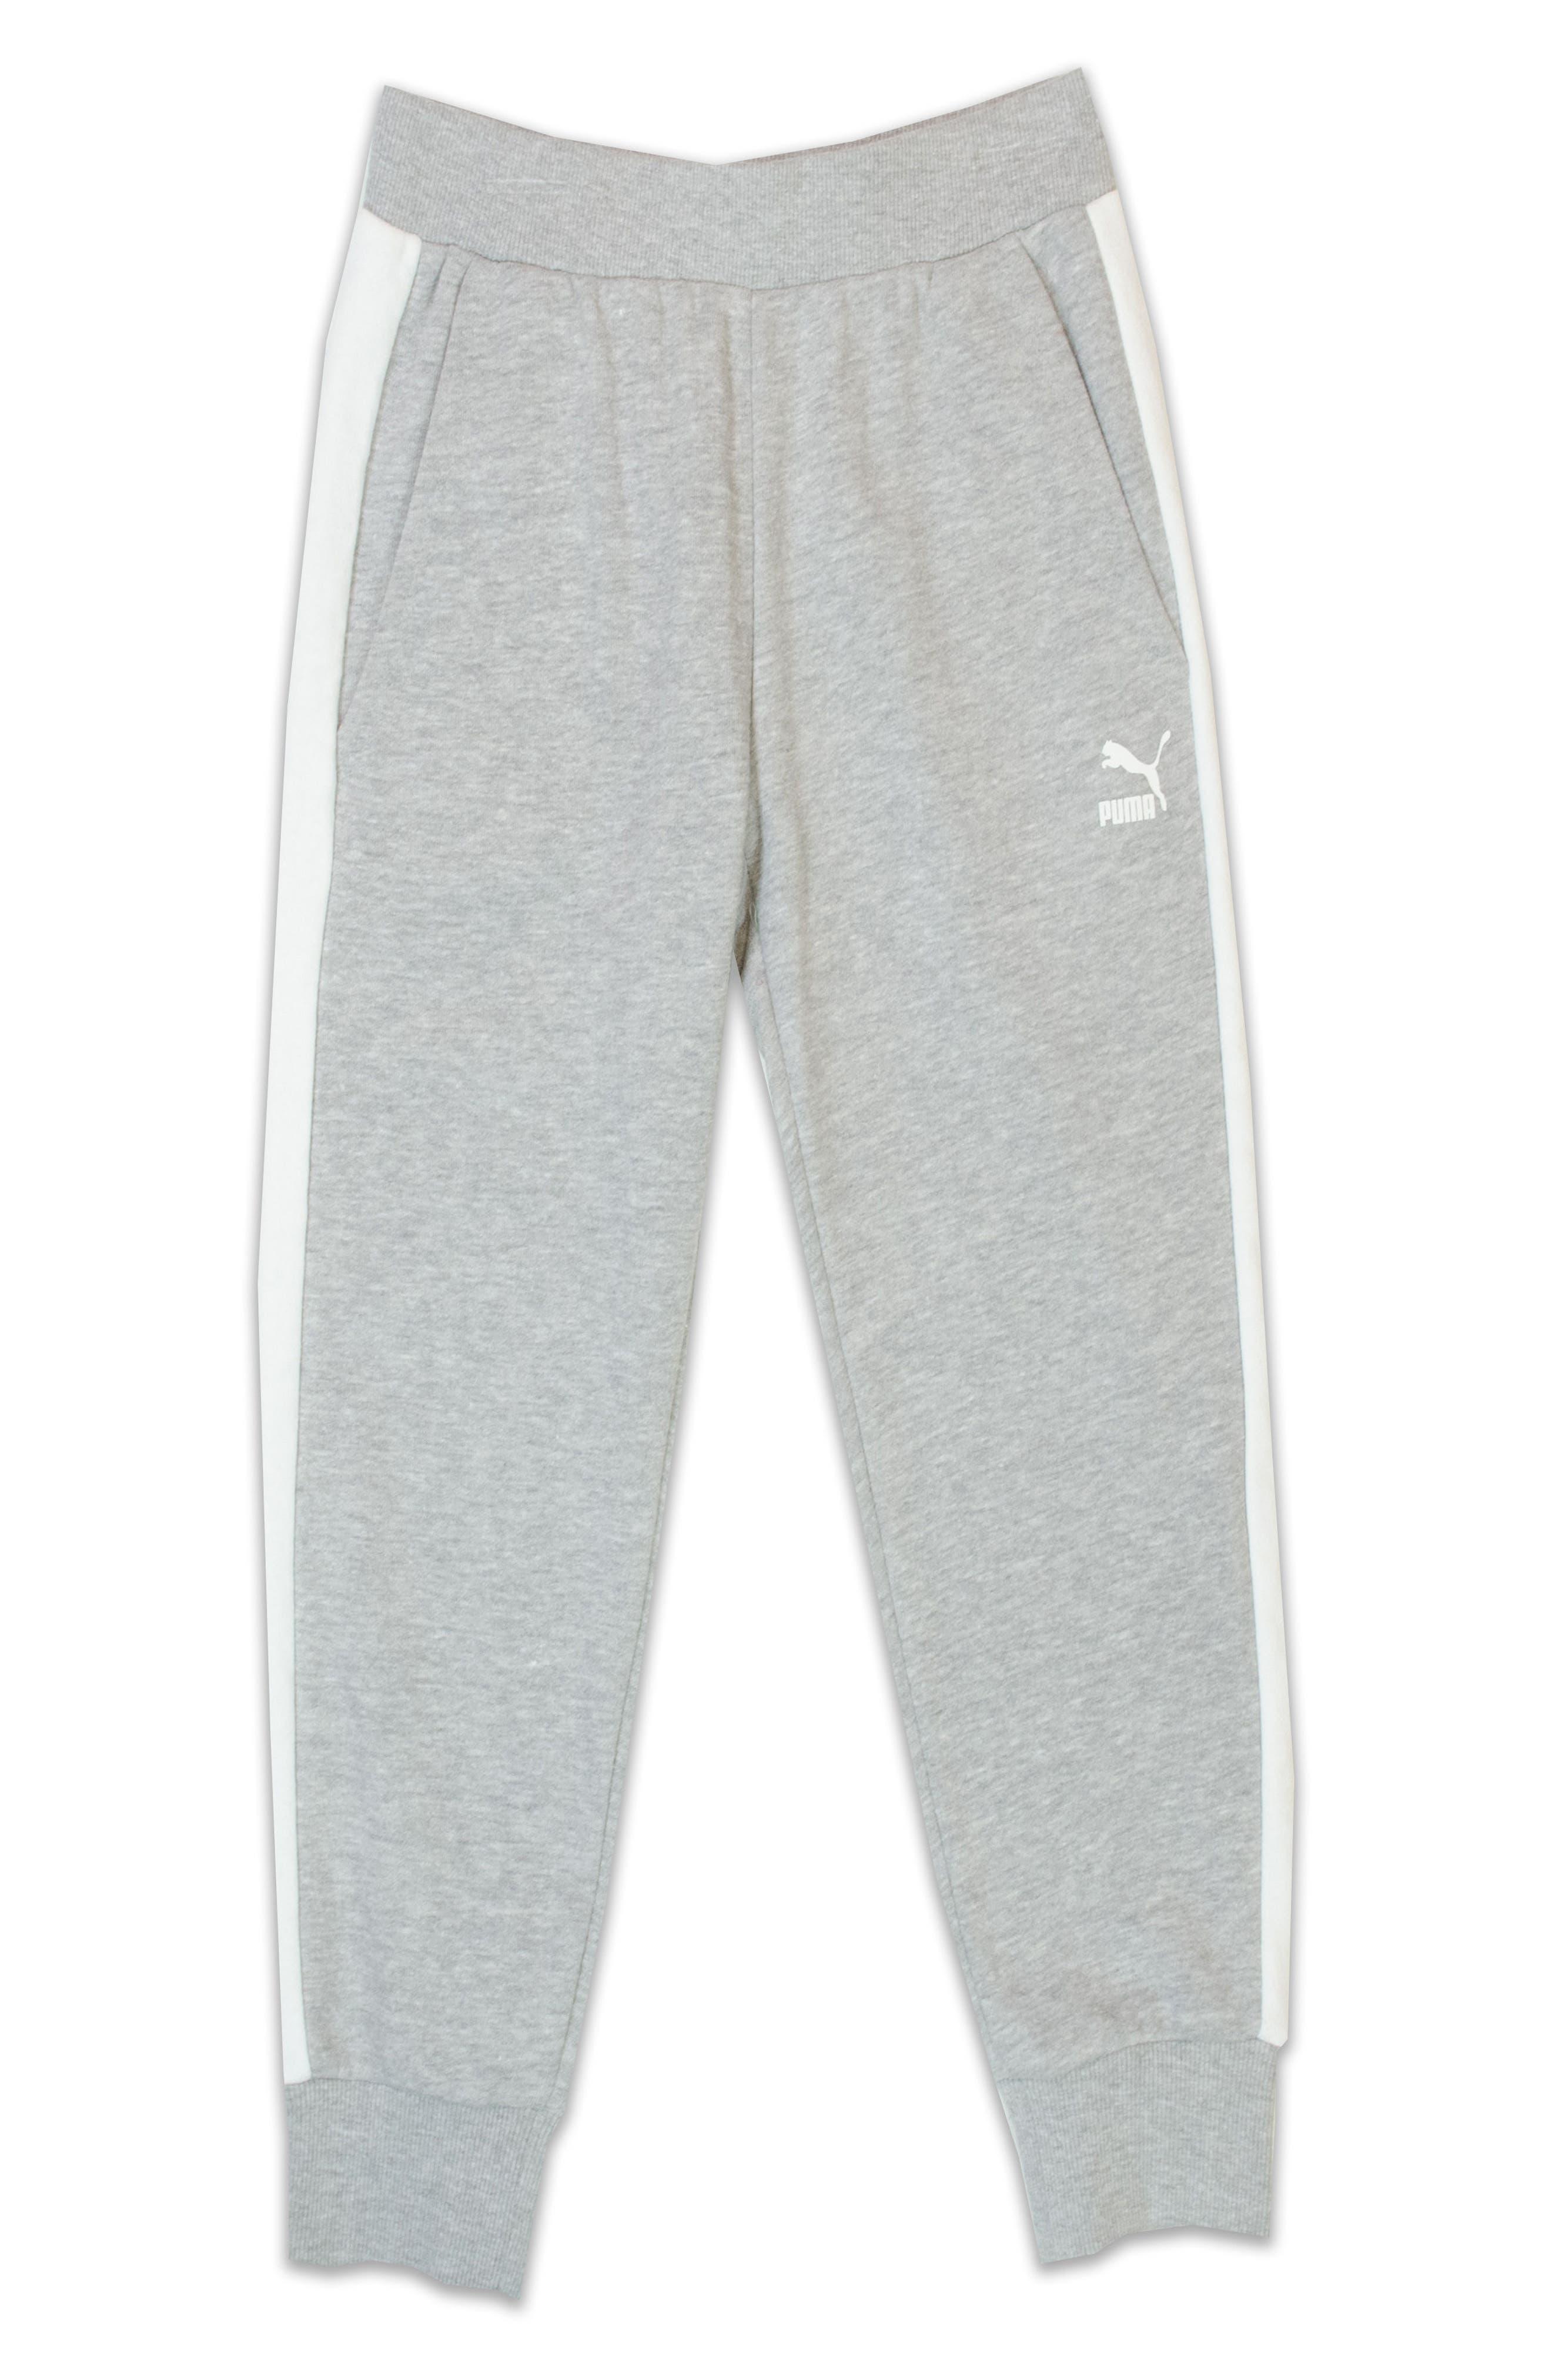 PUMA Capri Jogger Pants (Big Girls)